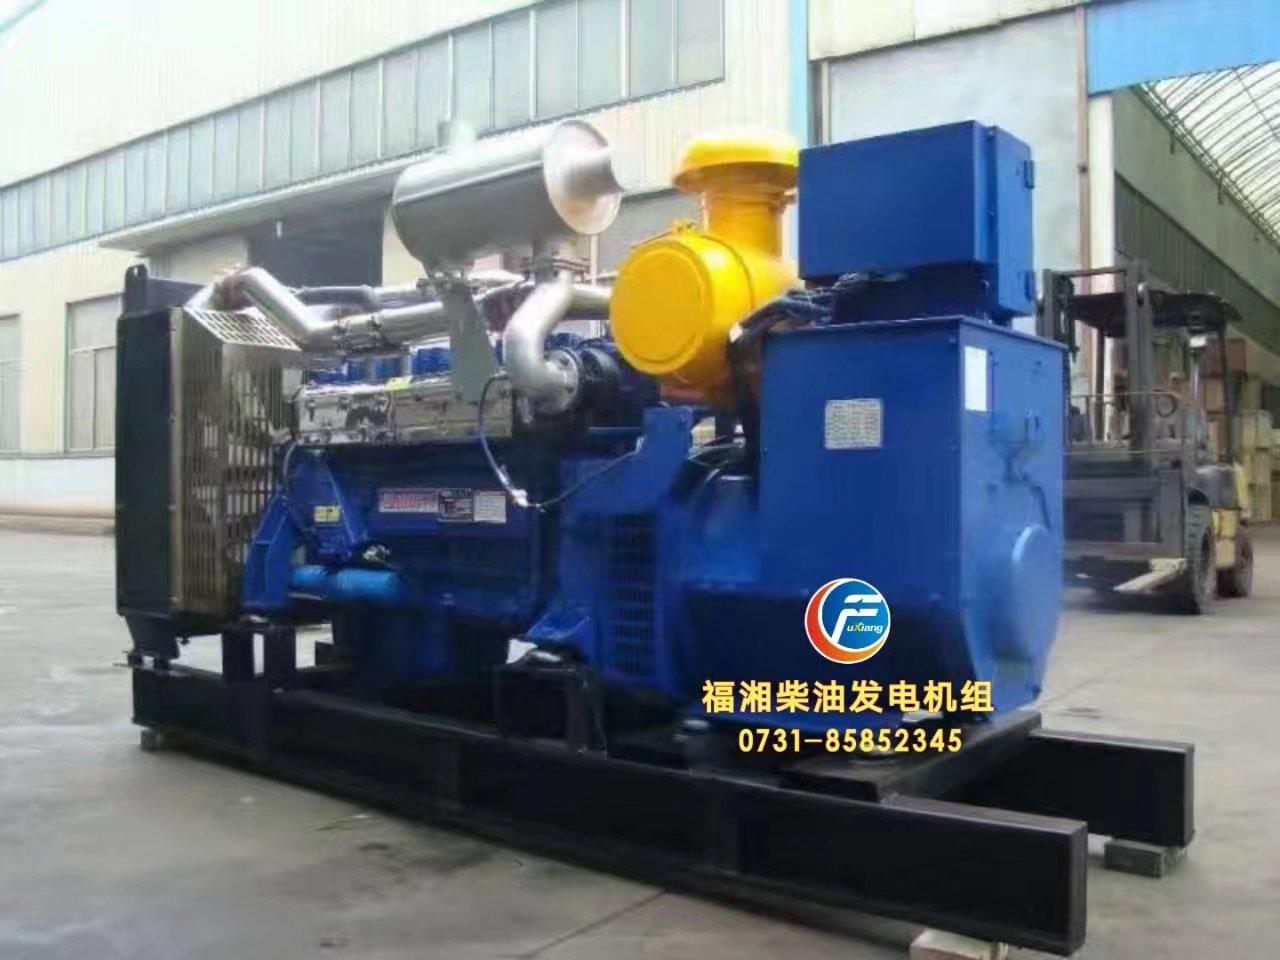 湖南潍柴动力柴油发电机组供应商哪家好——创新的湖南康明斯发电机